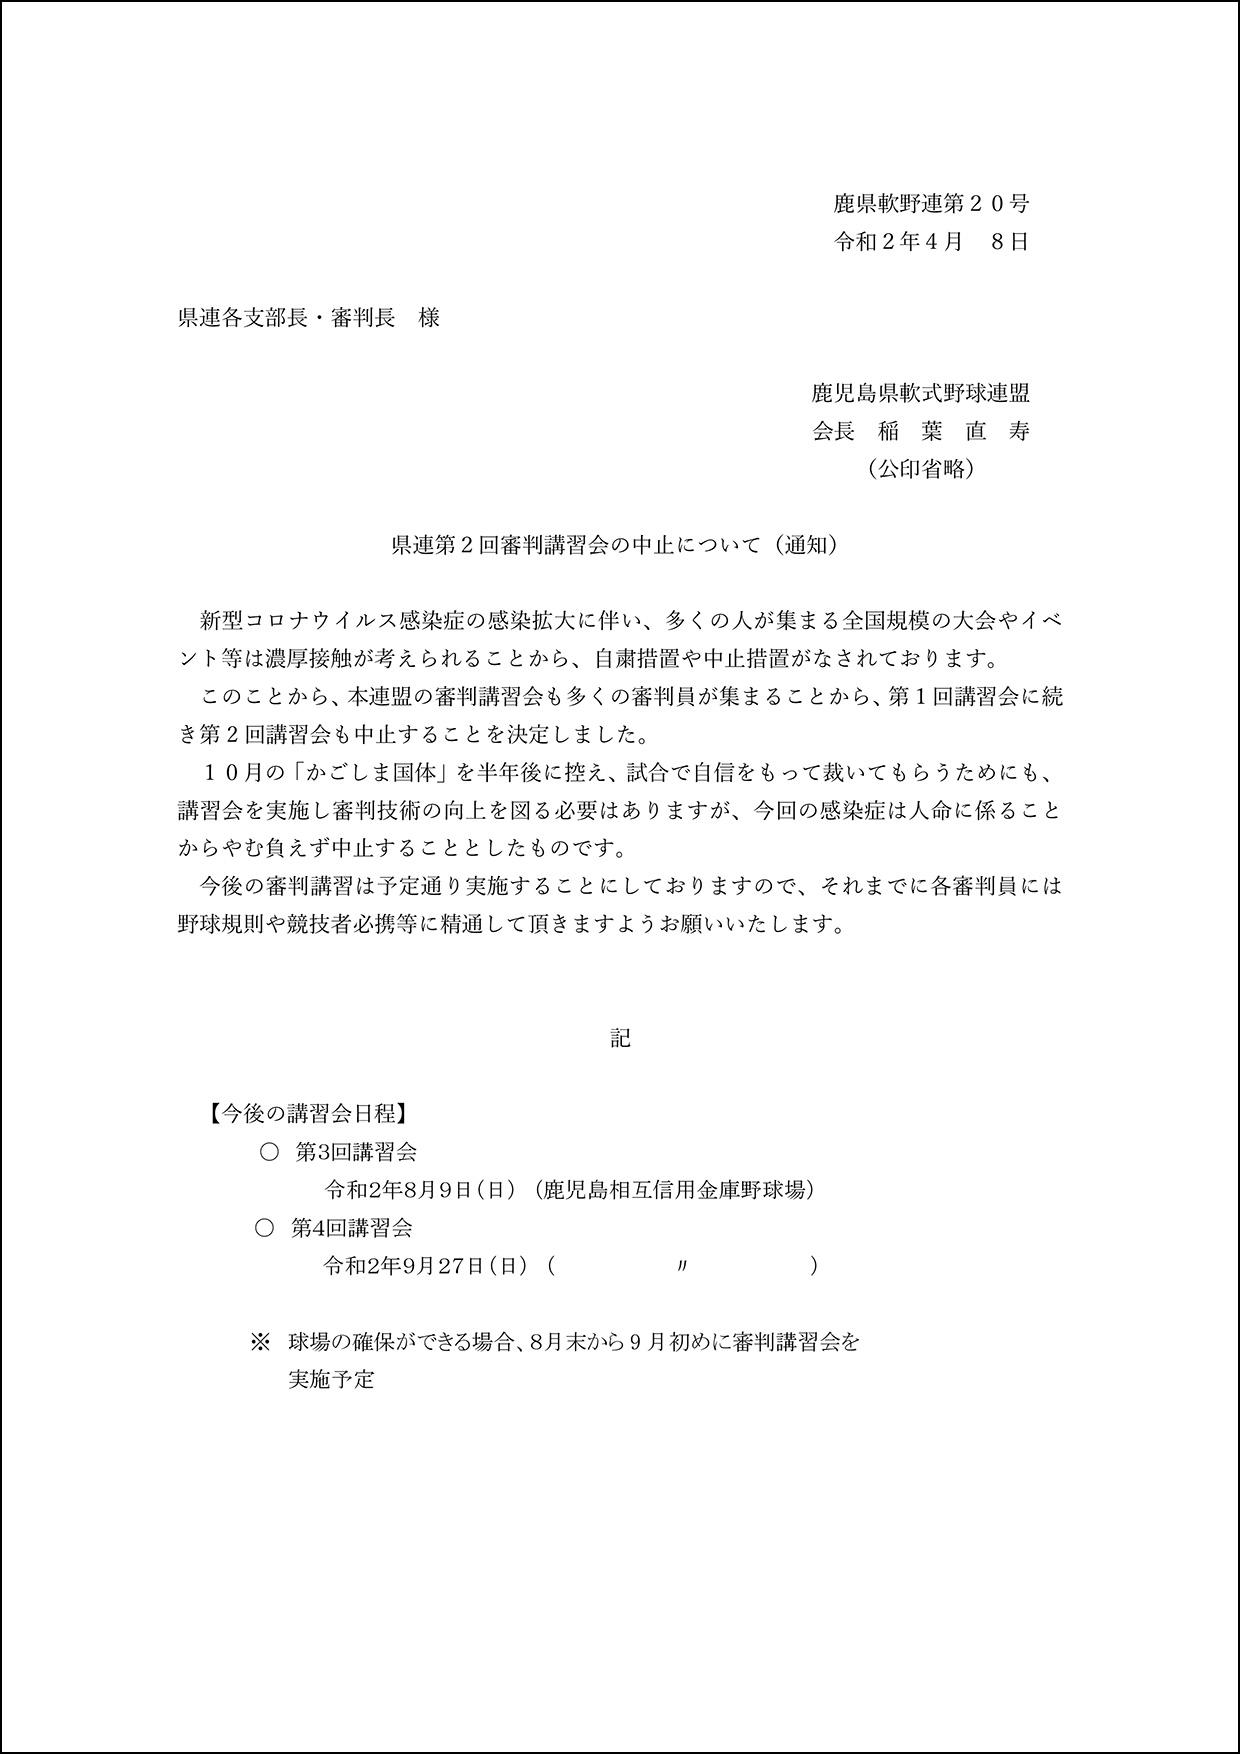 【通知】県連第2回審判講習会の中止について